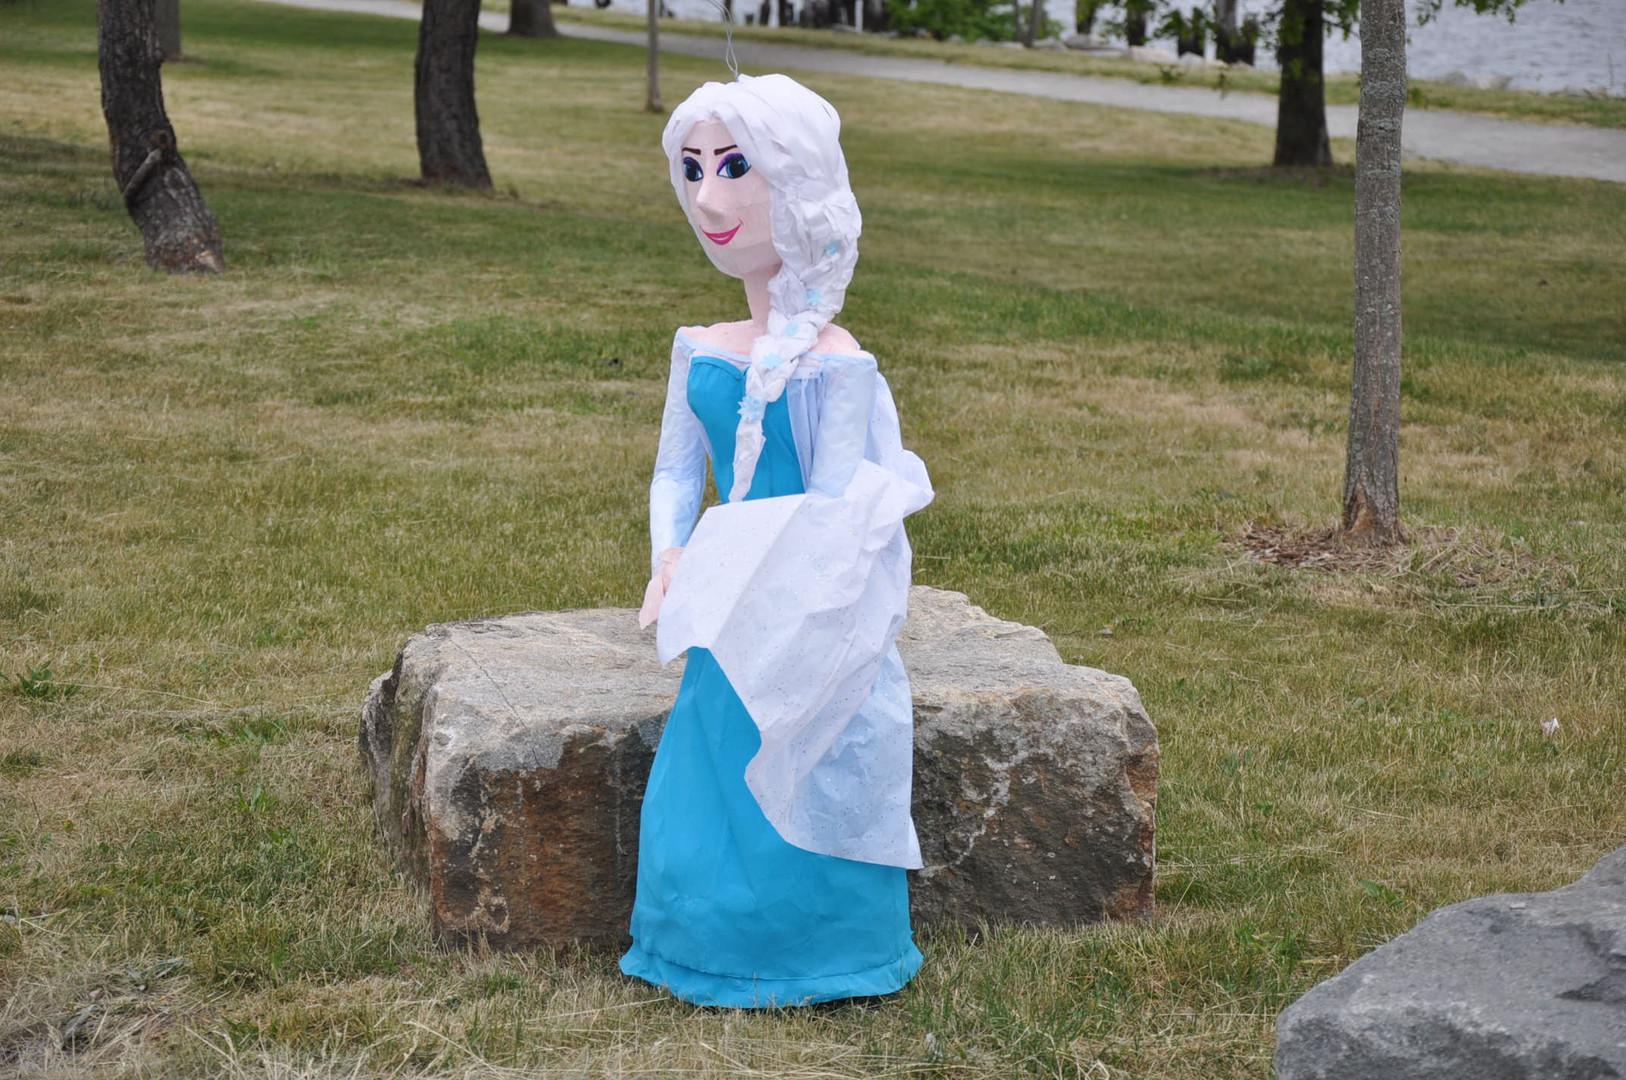 The pretty Elsa pinata